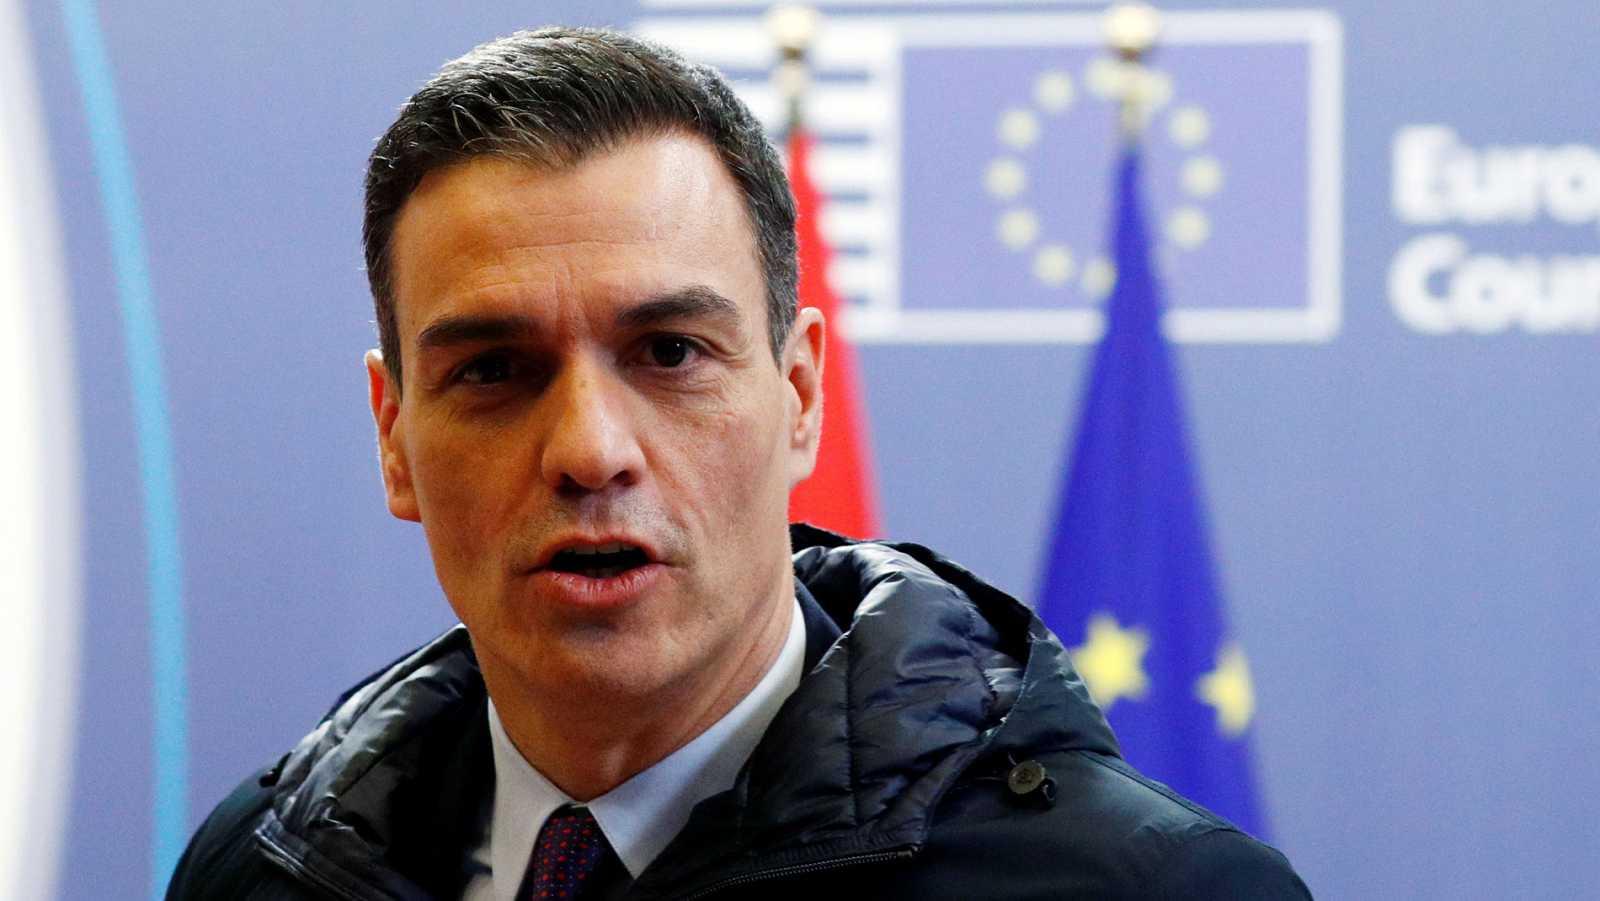 Sánchez avanza que el Gobierno aprobará un Real Decreto sobre trnasparencia y control de precios en la agricultura